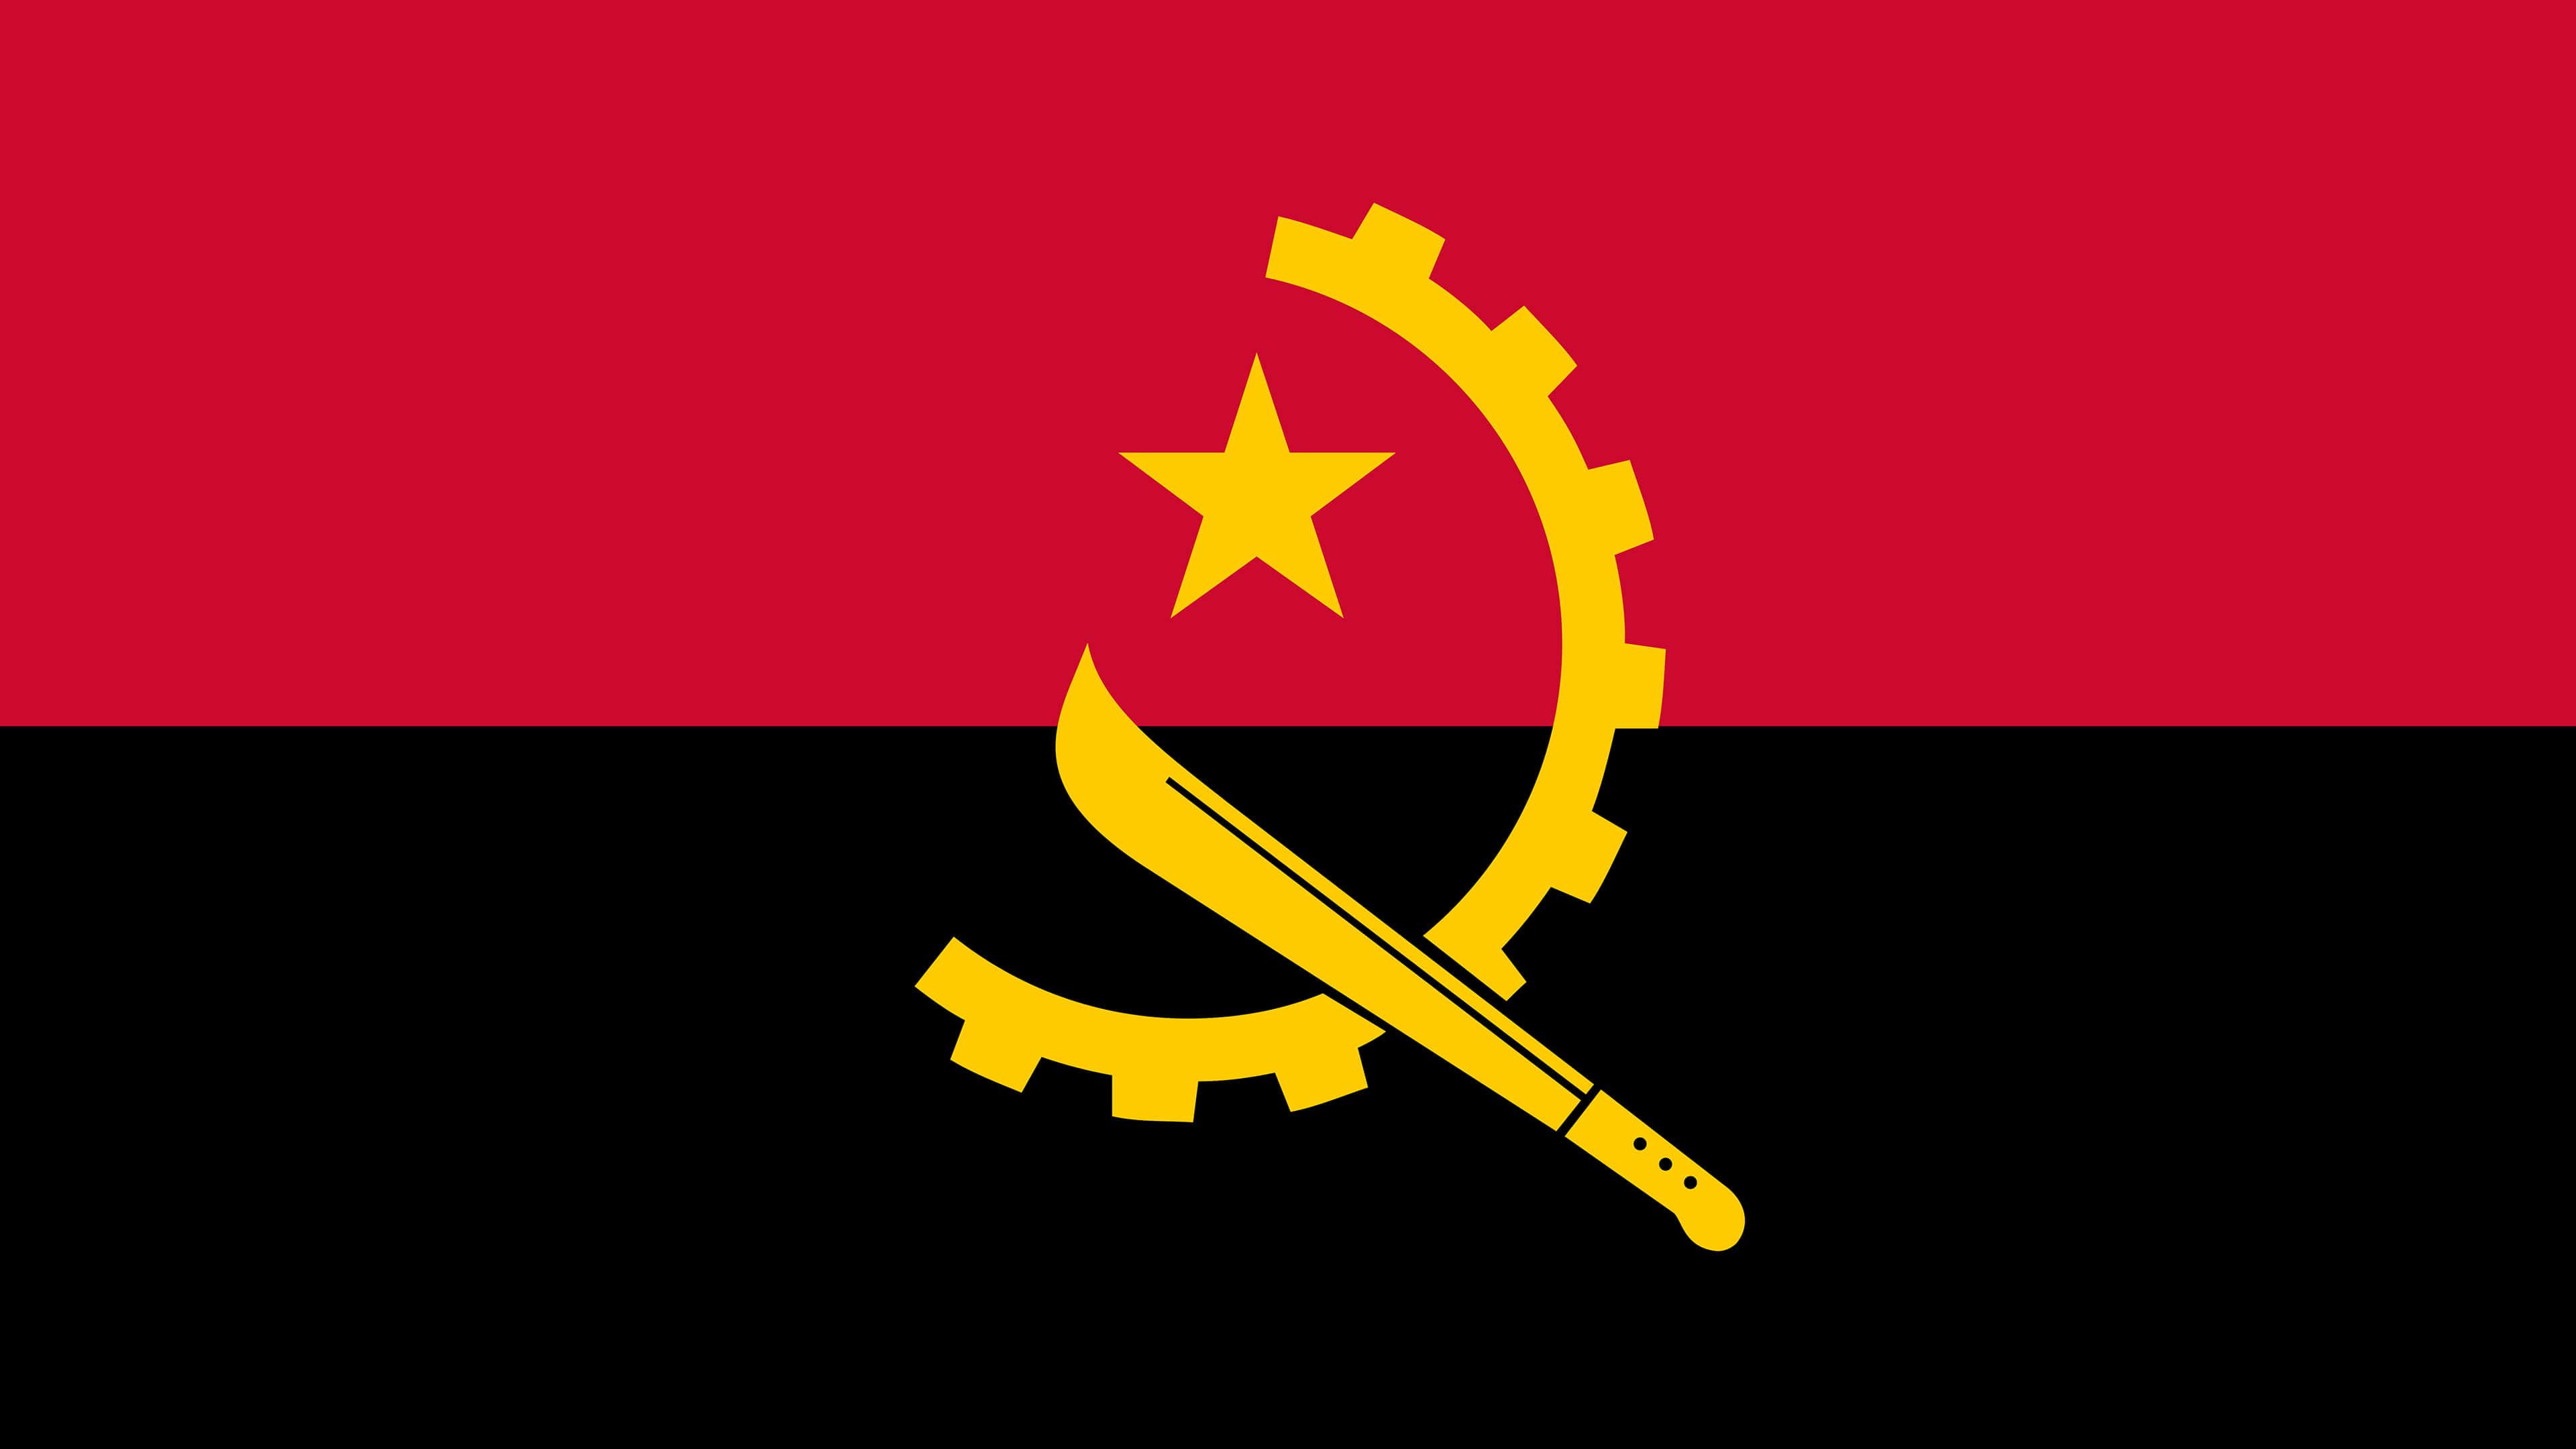 angola flag uhd 4k wallpaper